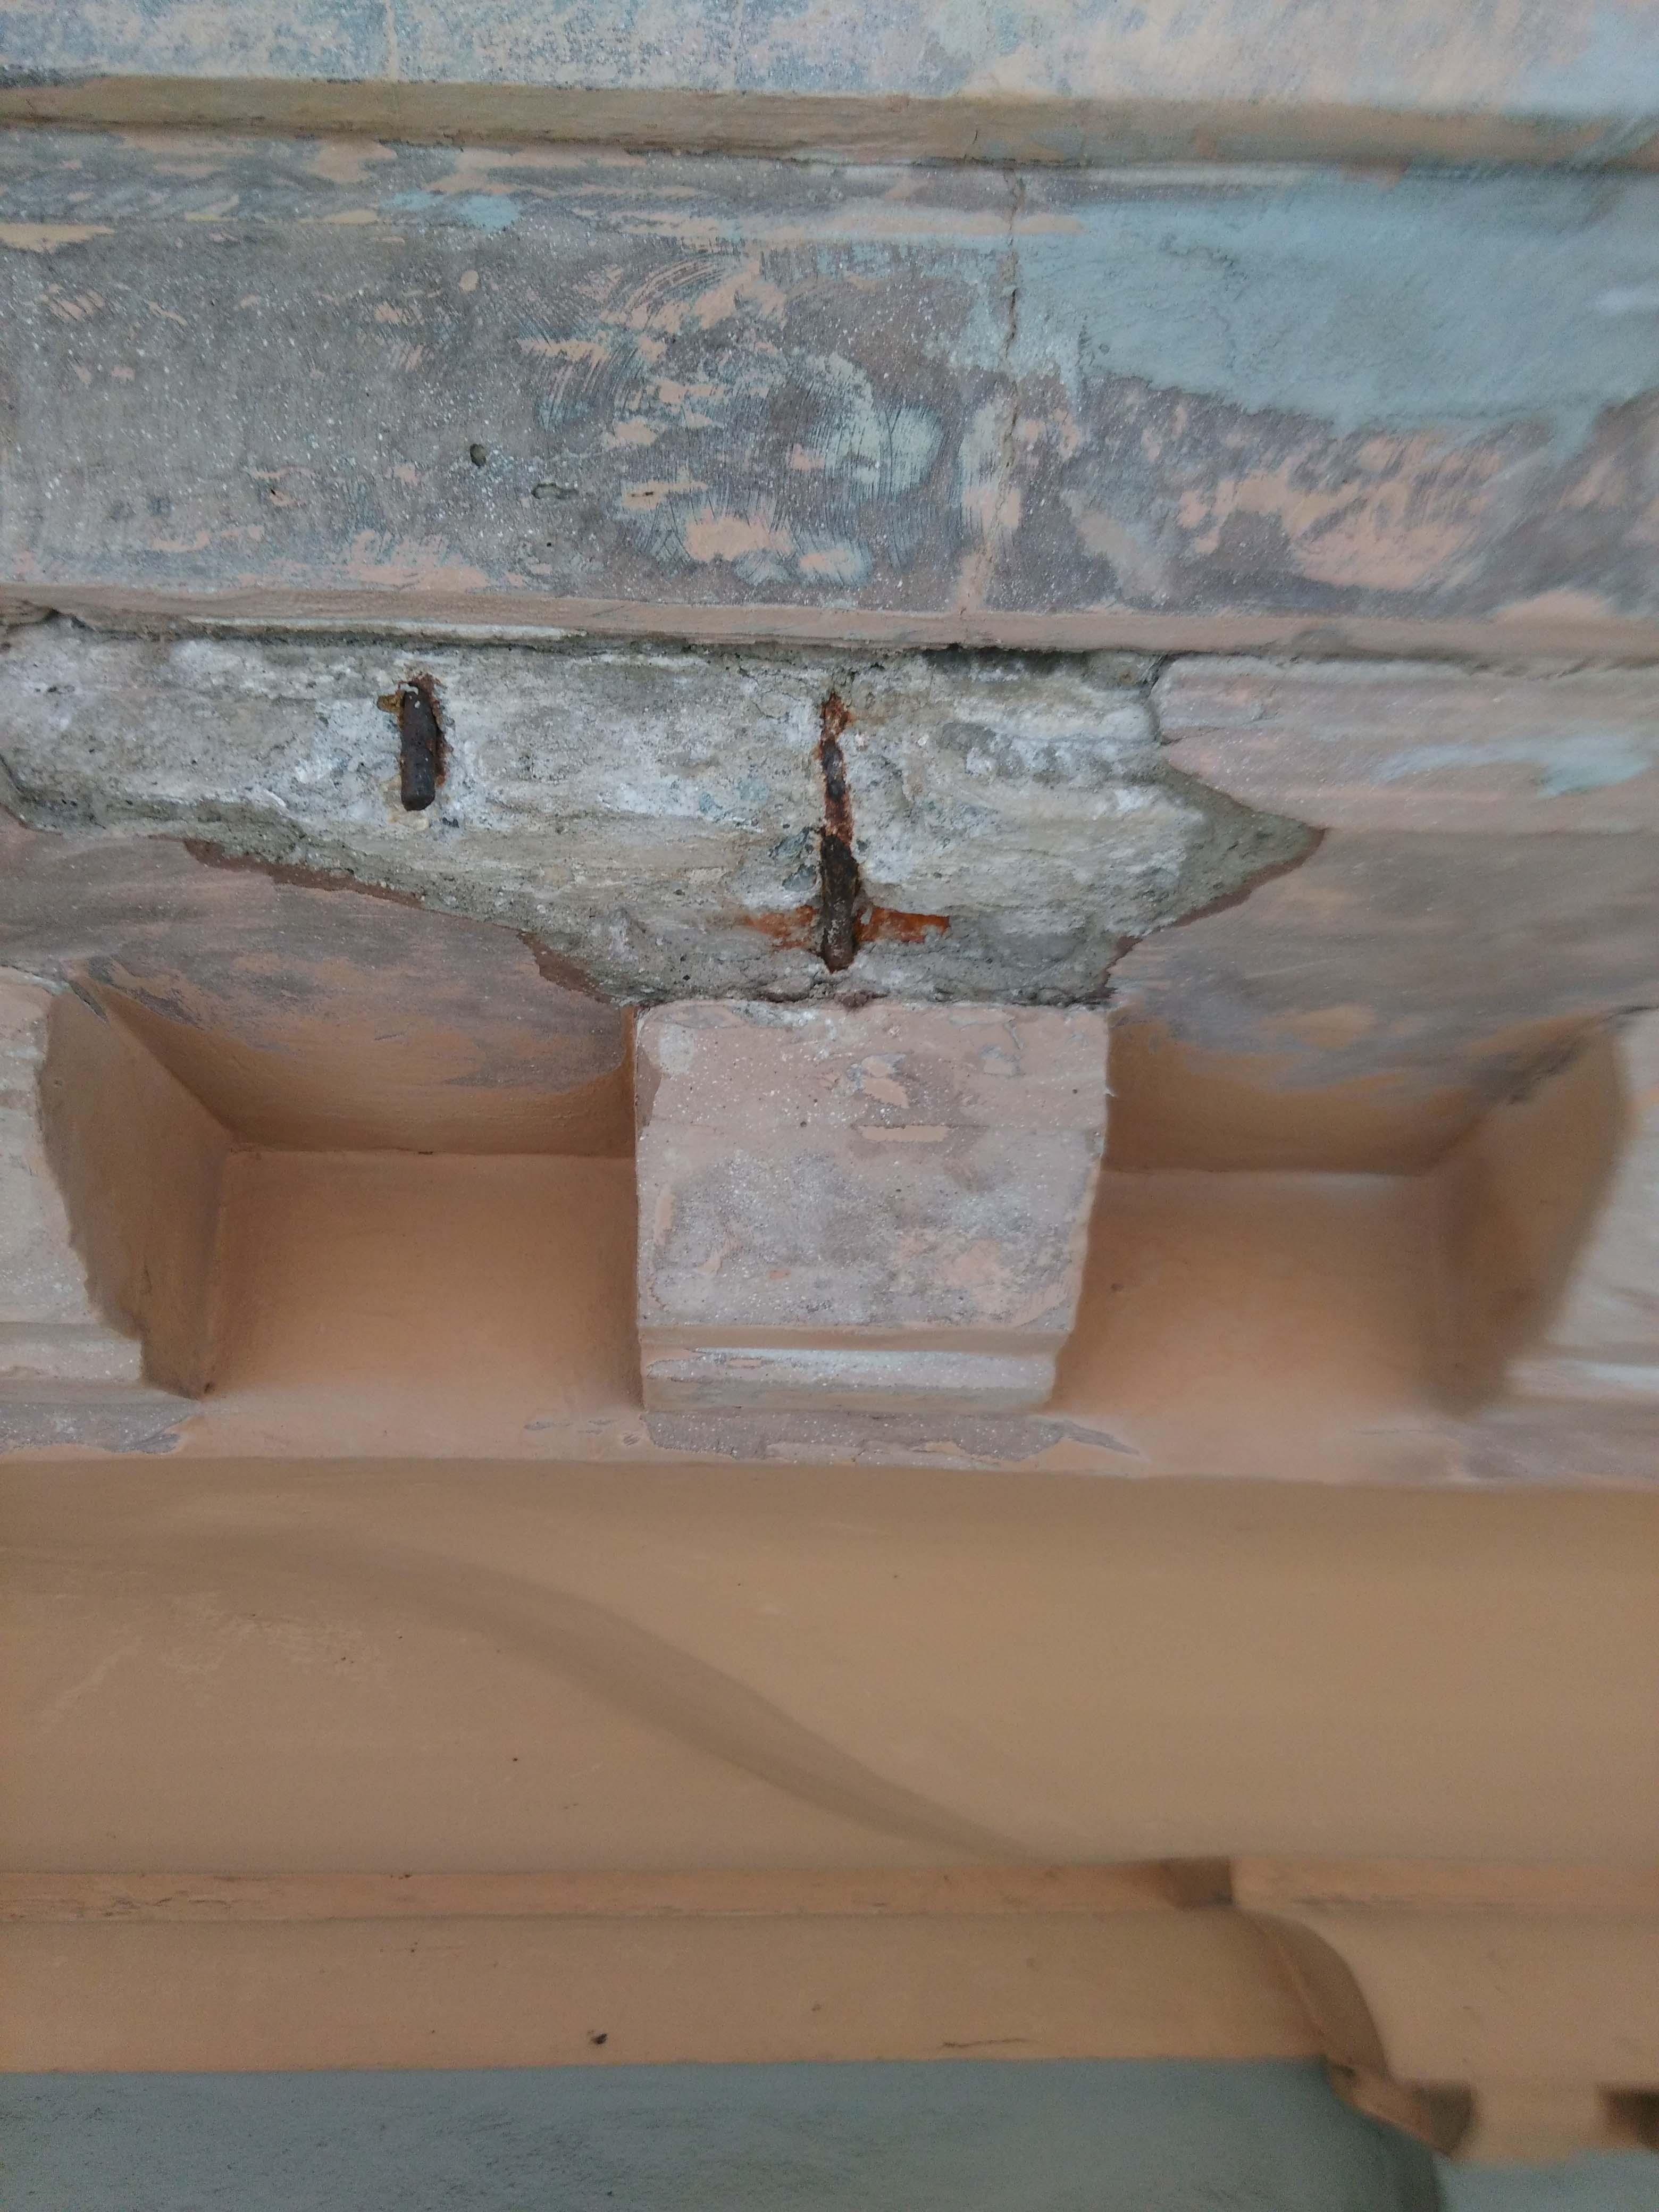 Balcone in via Pigafetta - foto 7